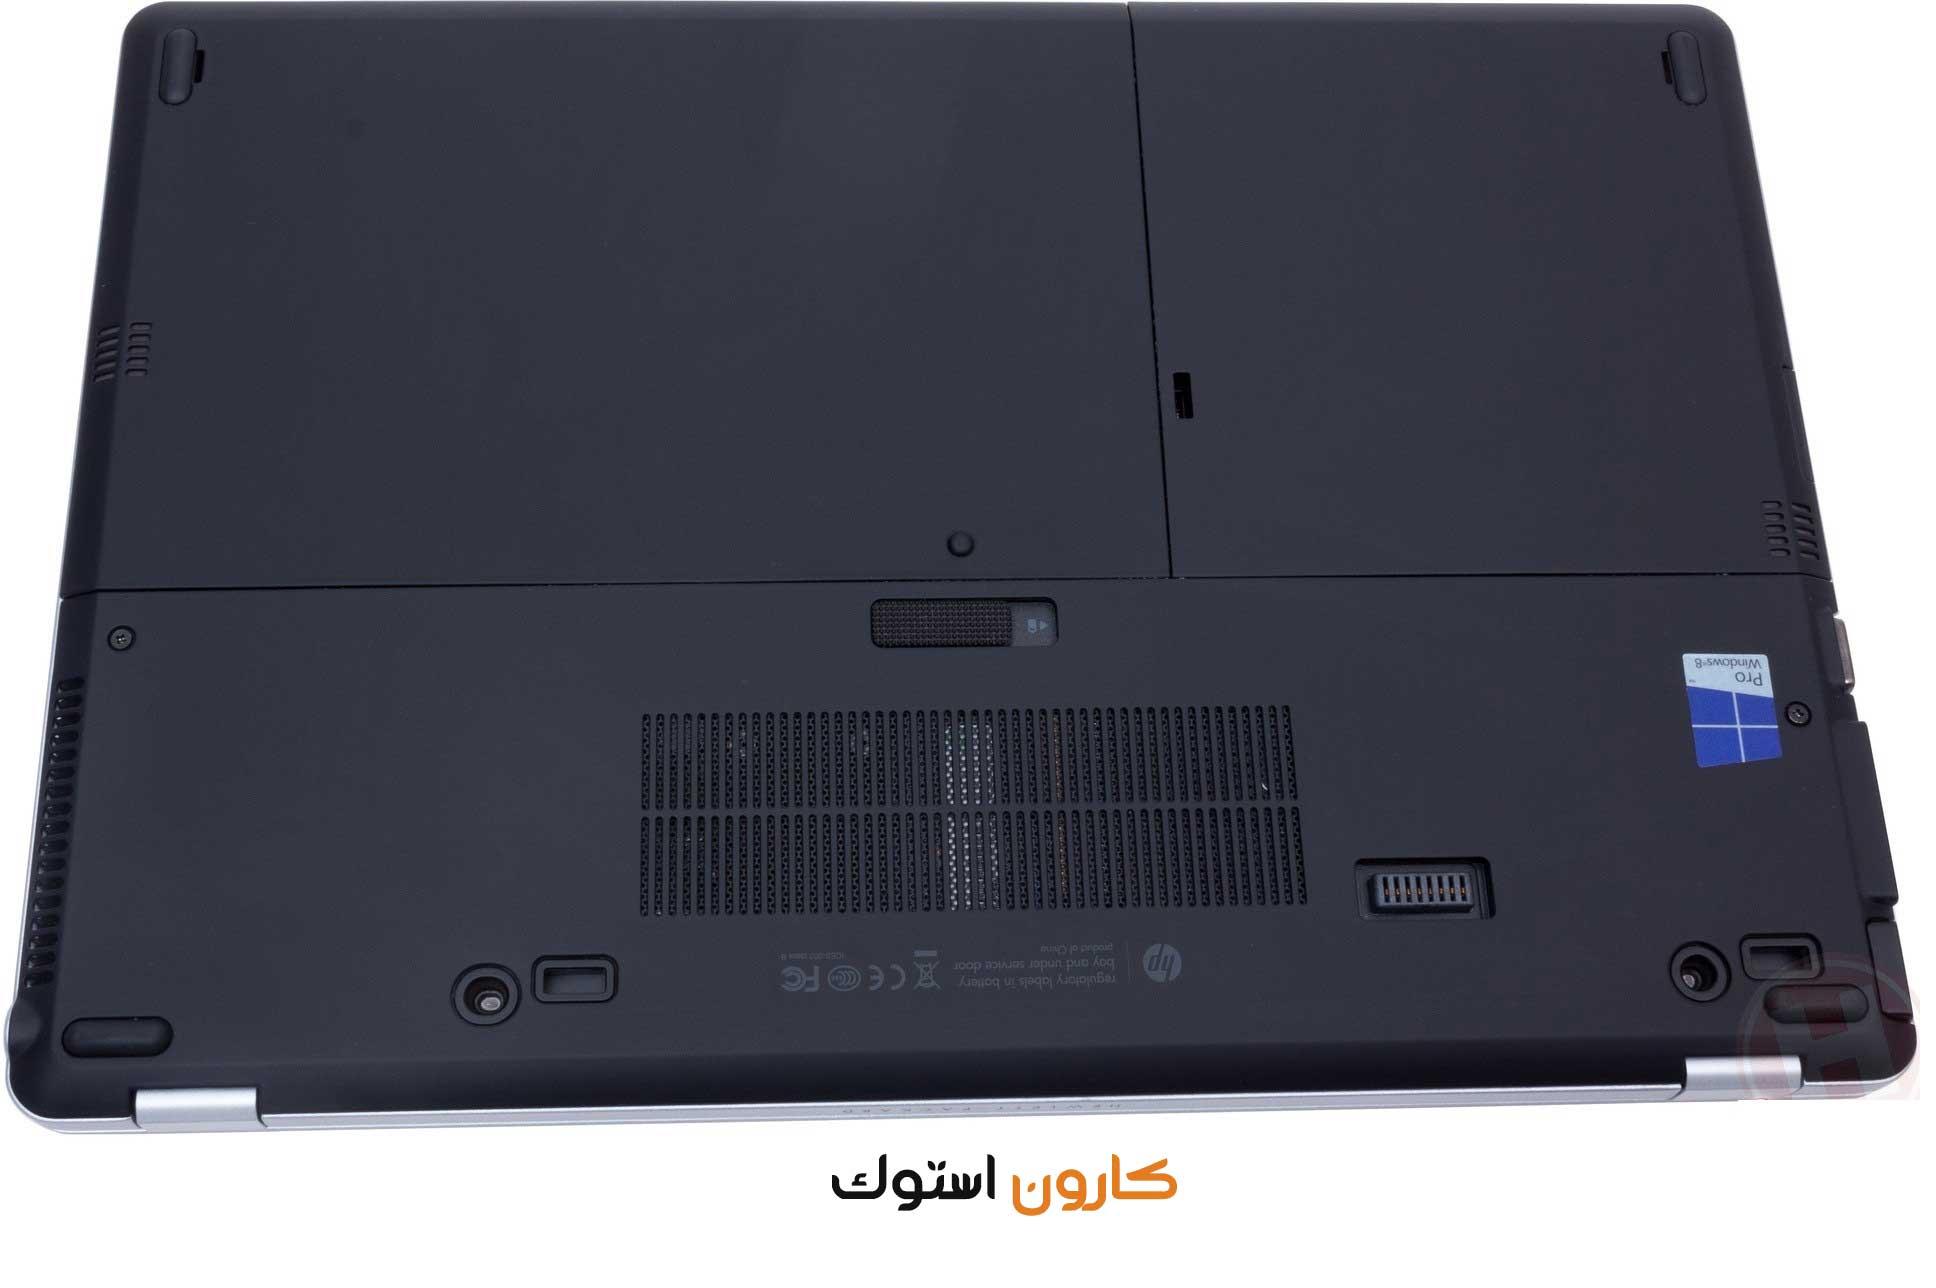 نمای پشت لپ تاپ HP_Elitebook_9470m